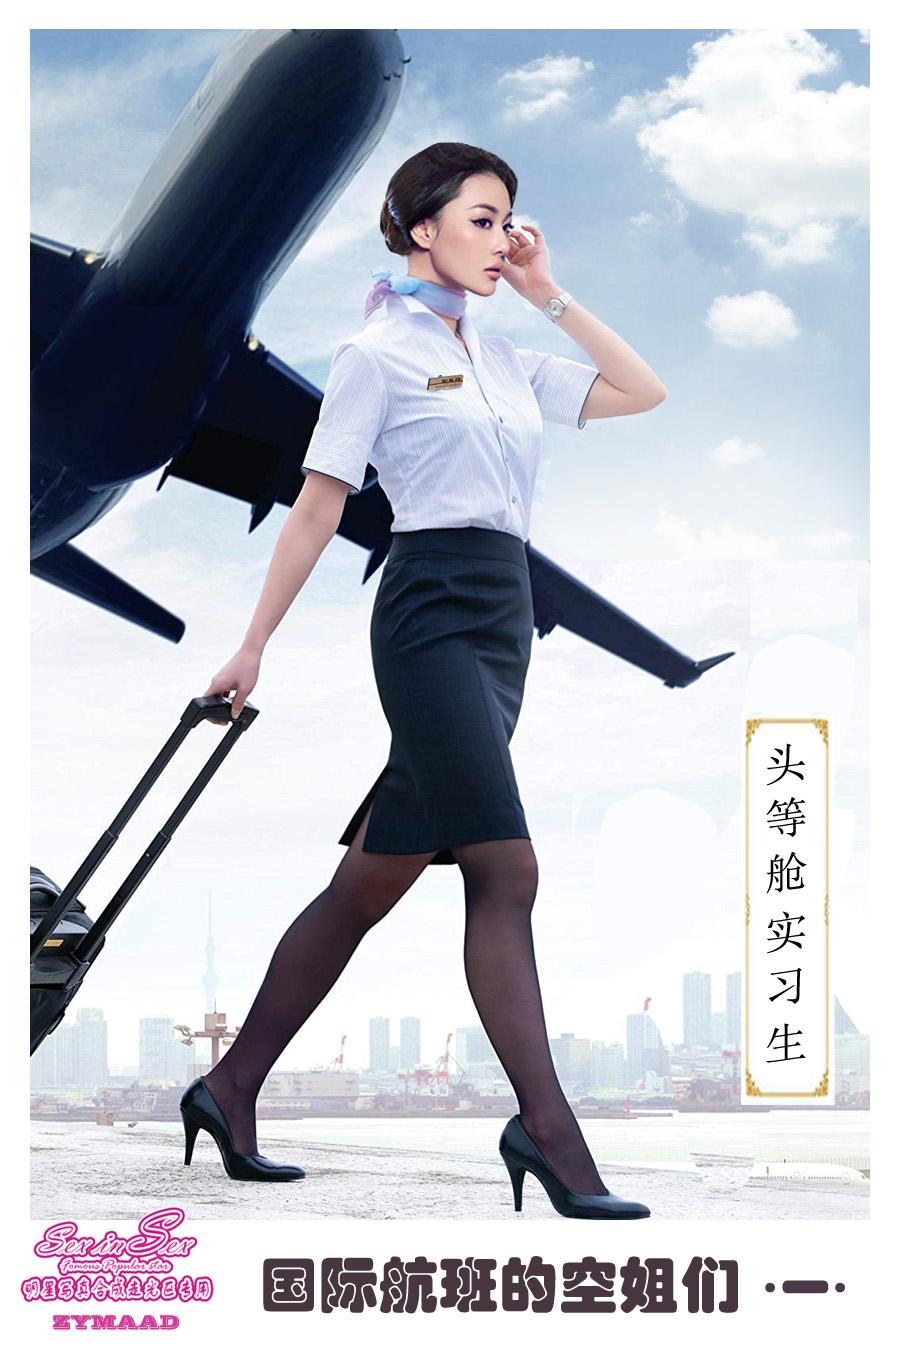 Sexinsex 国际航班的空姐zymaadSexinsex 明星合成sexinsex|明星合成图杨颖 SexInSex! Board